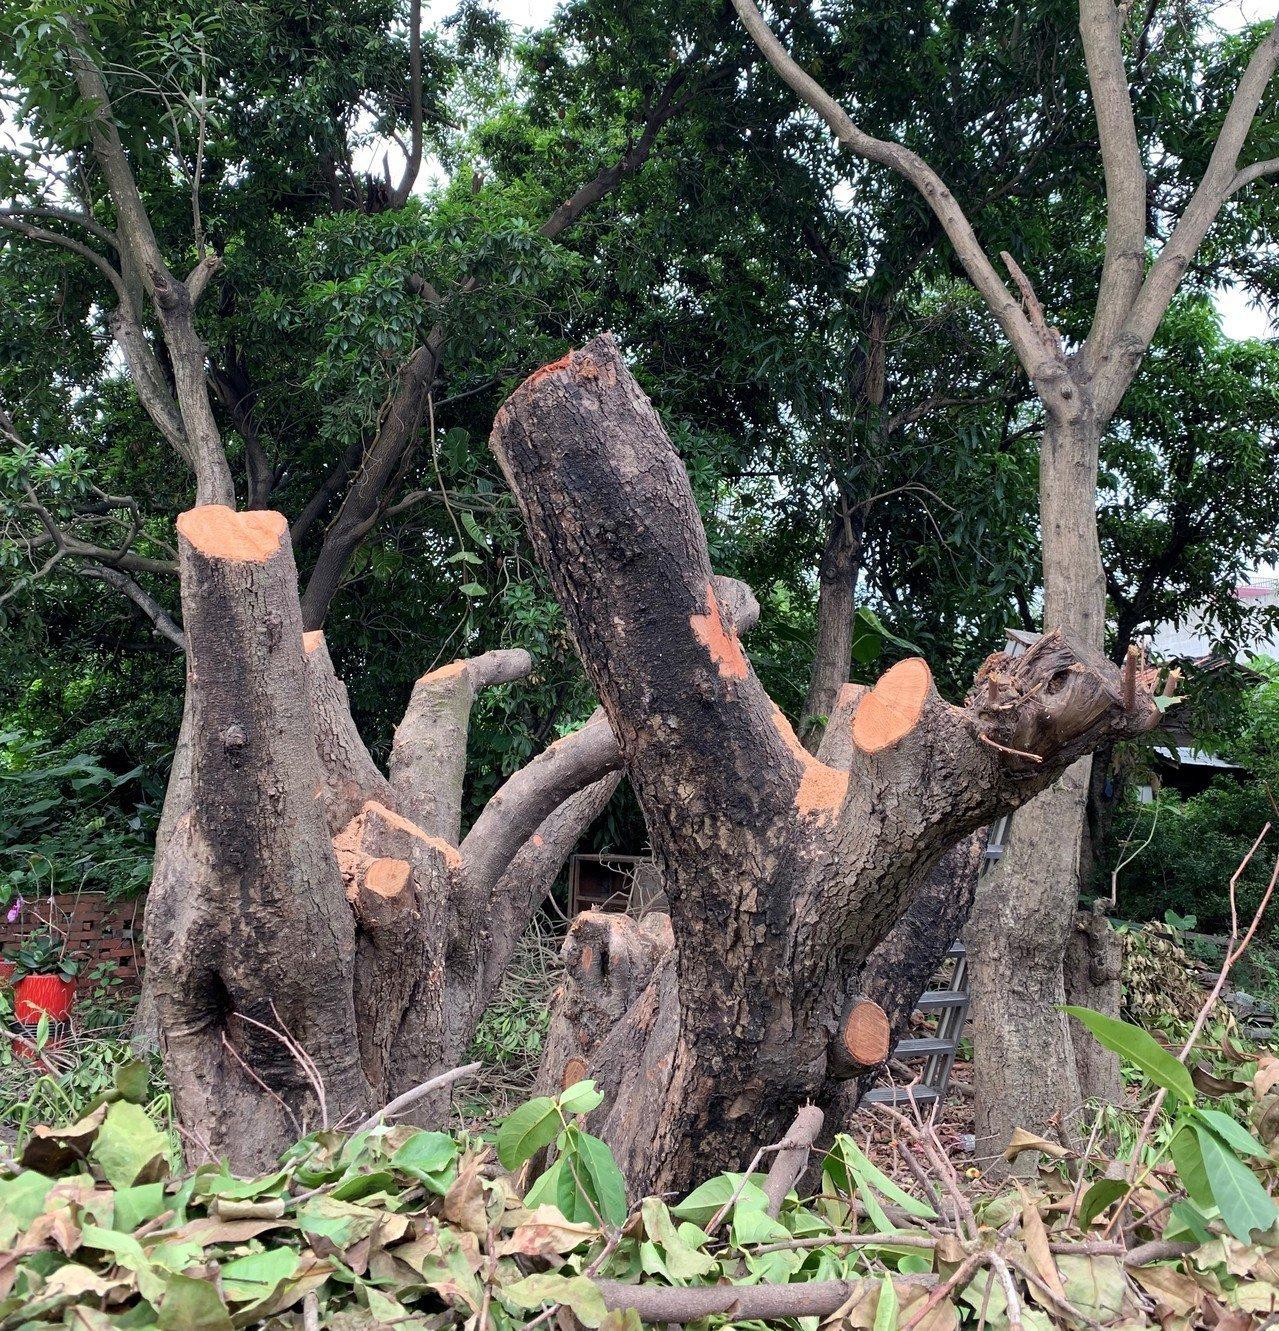 有百年樹齡的白蓮霧樹主要枝幹均已被砍掉。記者吳淑玲/攝影